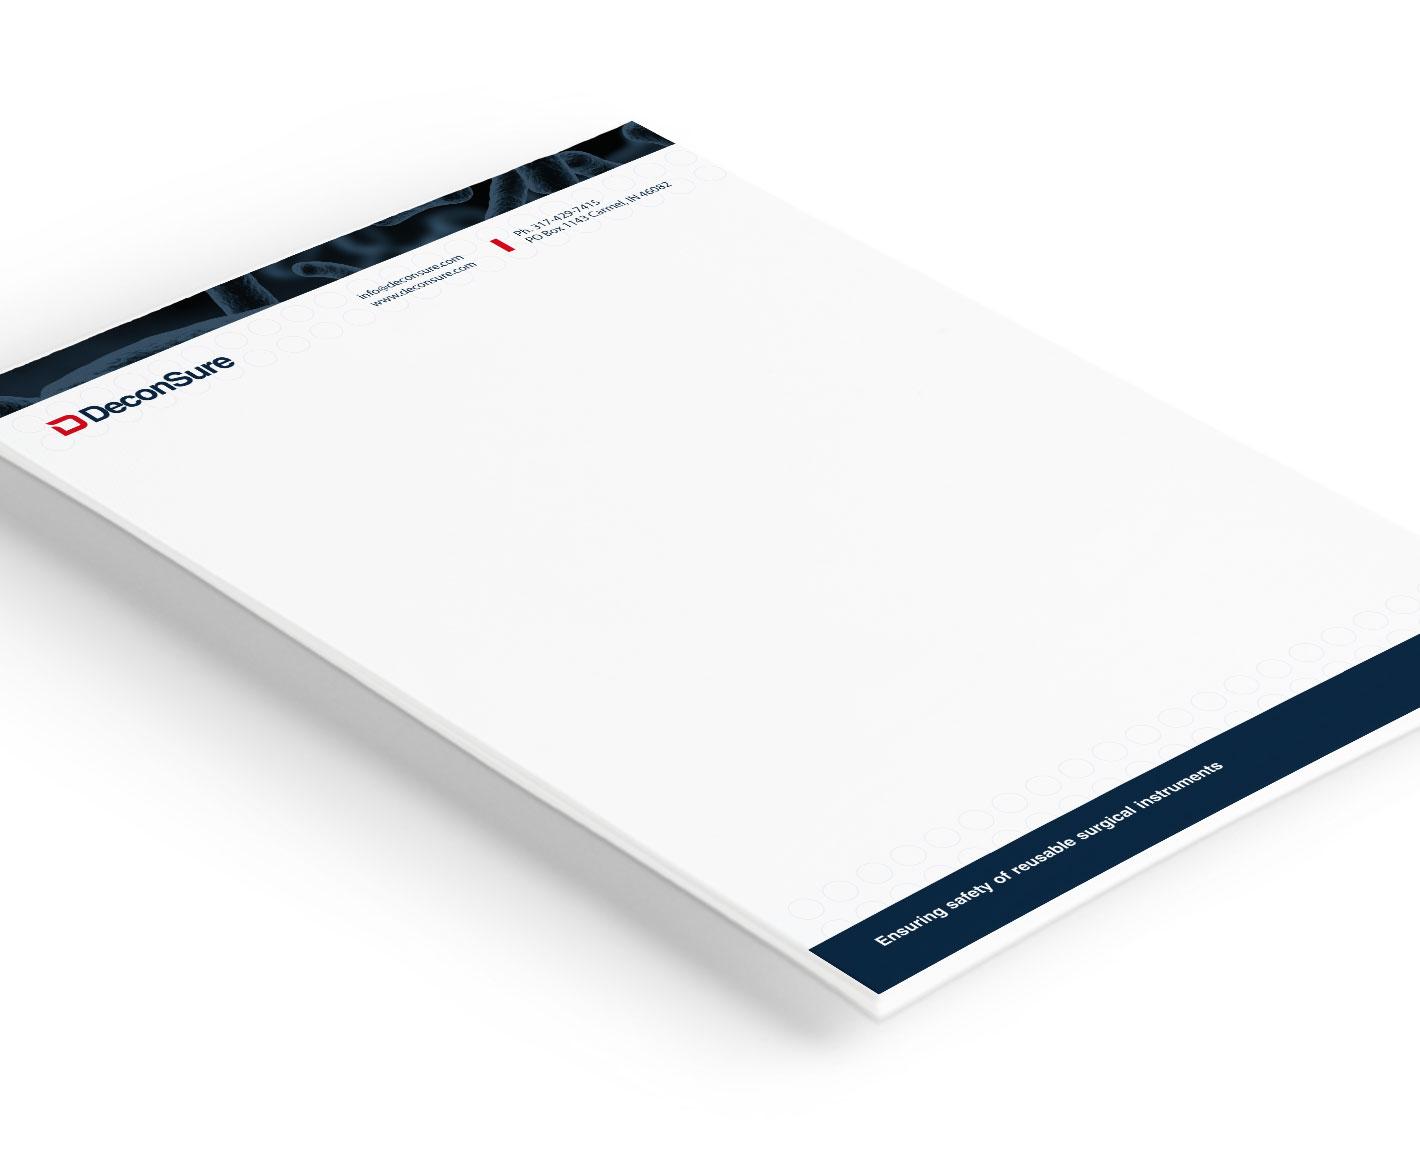 Deconsure-letterhead-design